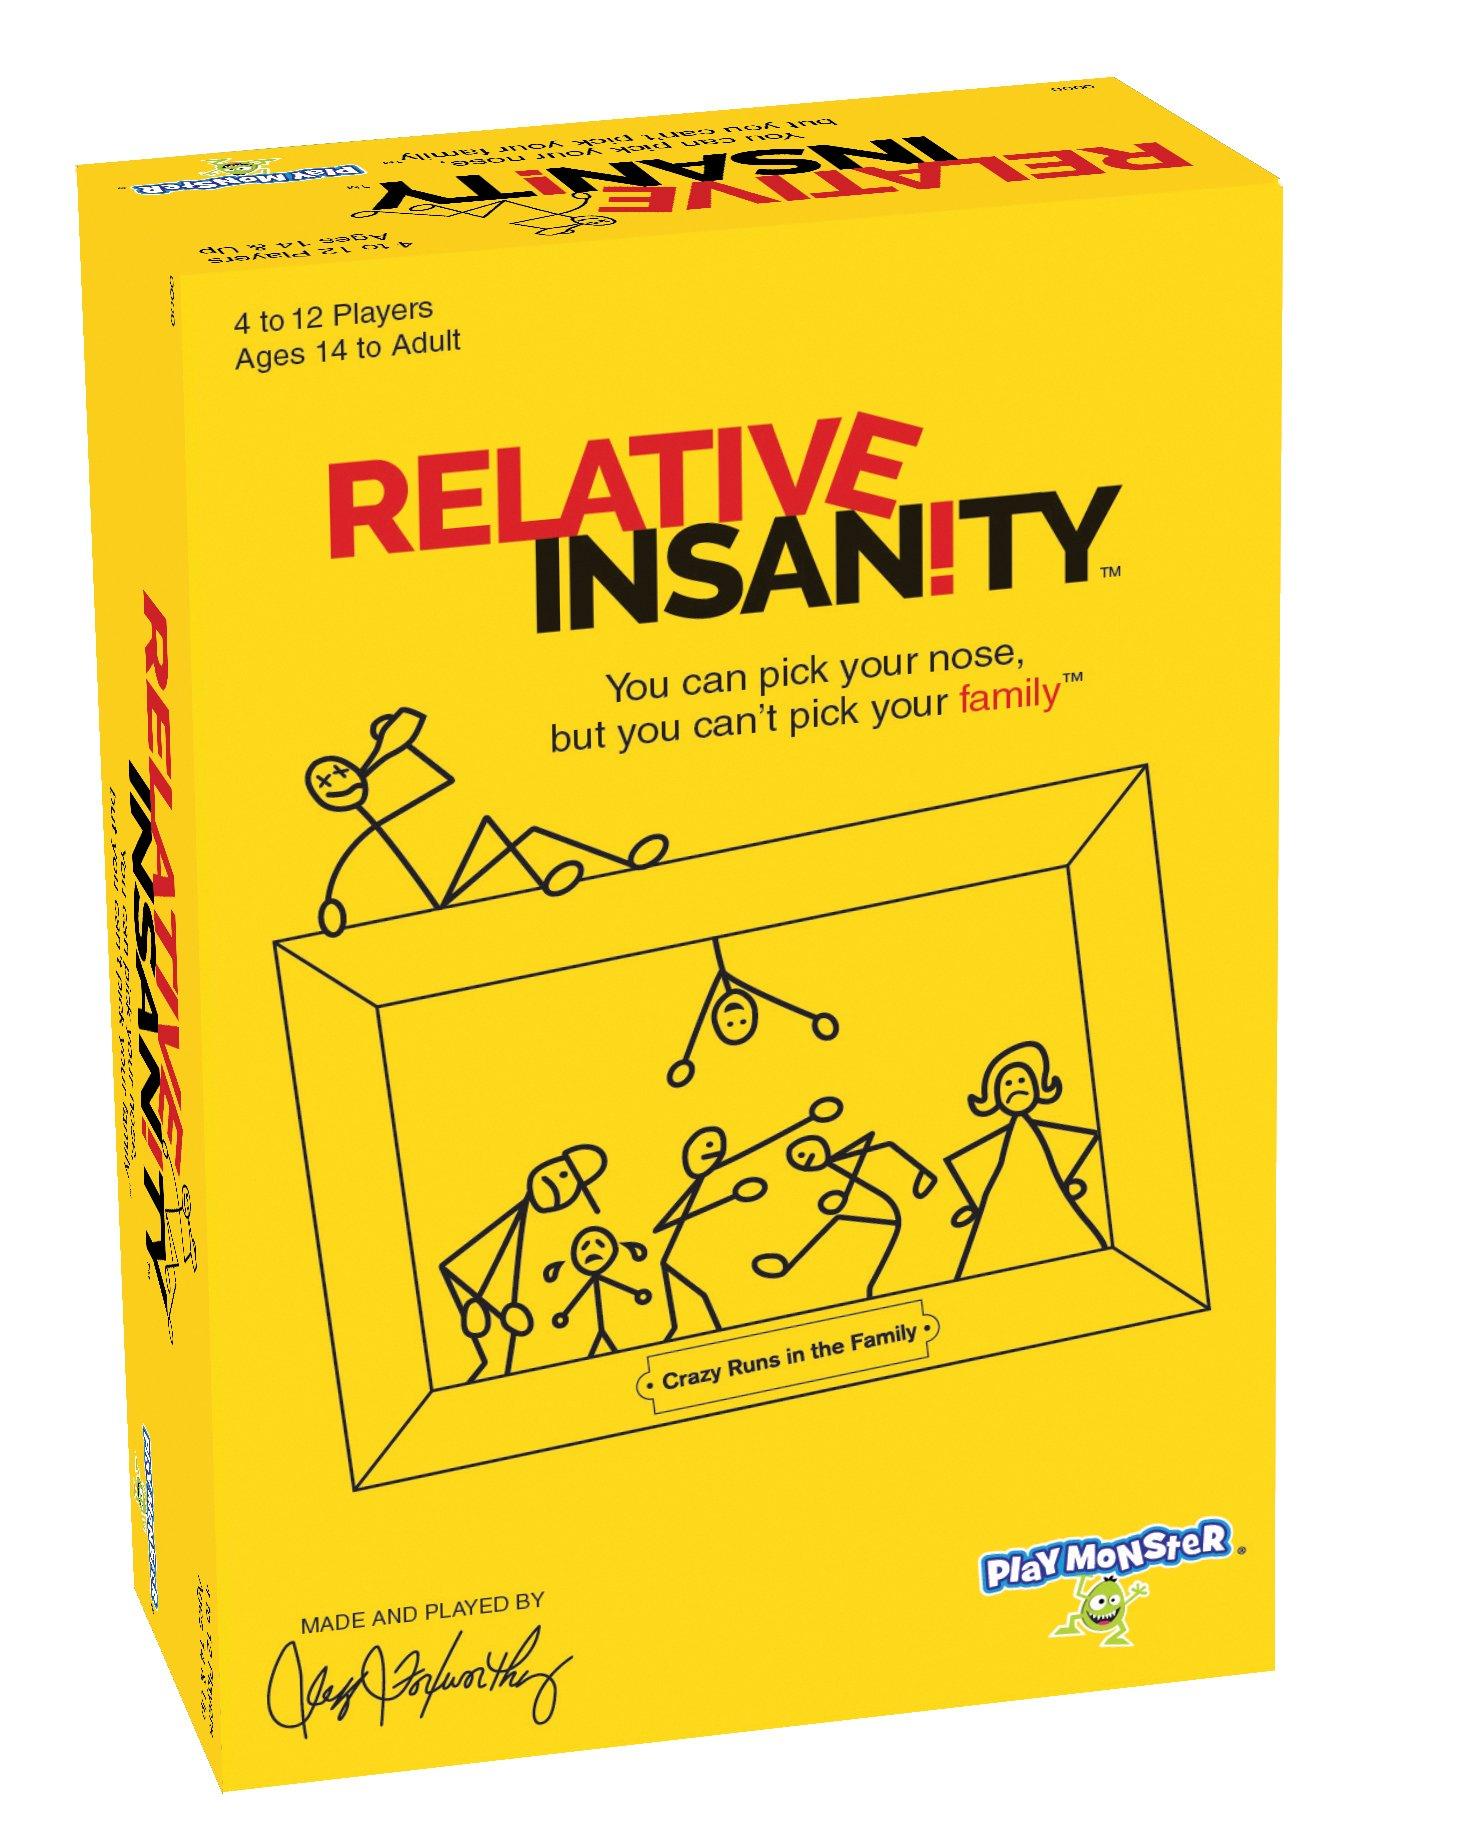 Buy Relative Insanity Now!